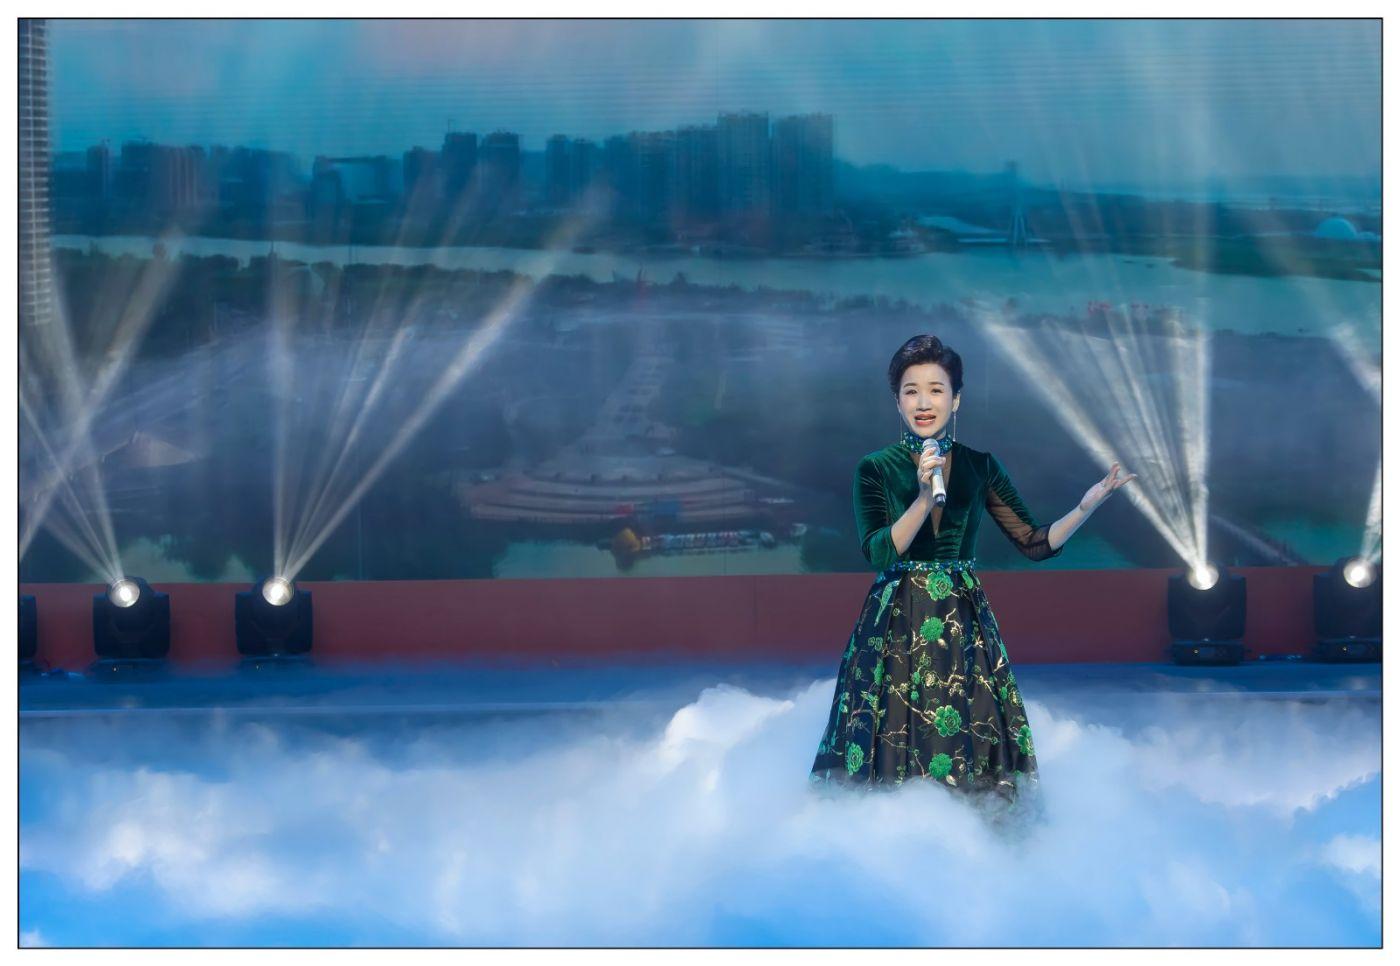 又见星光大道冠军歌手张海军 1月26央视播出 将自己唱哭的歌手 ..._图1-8